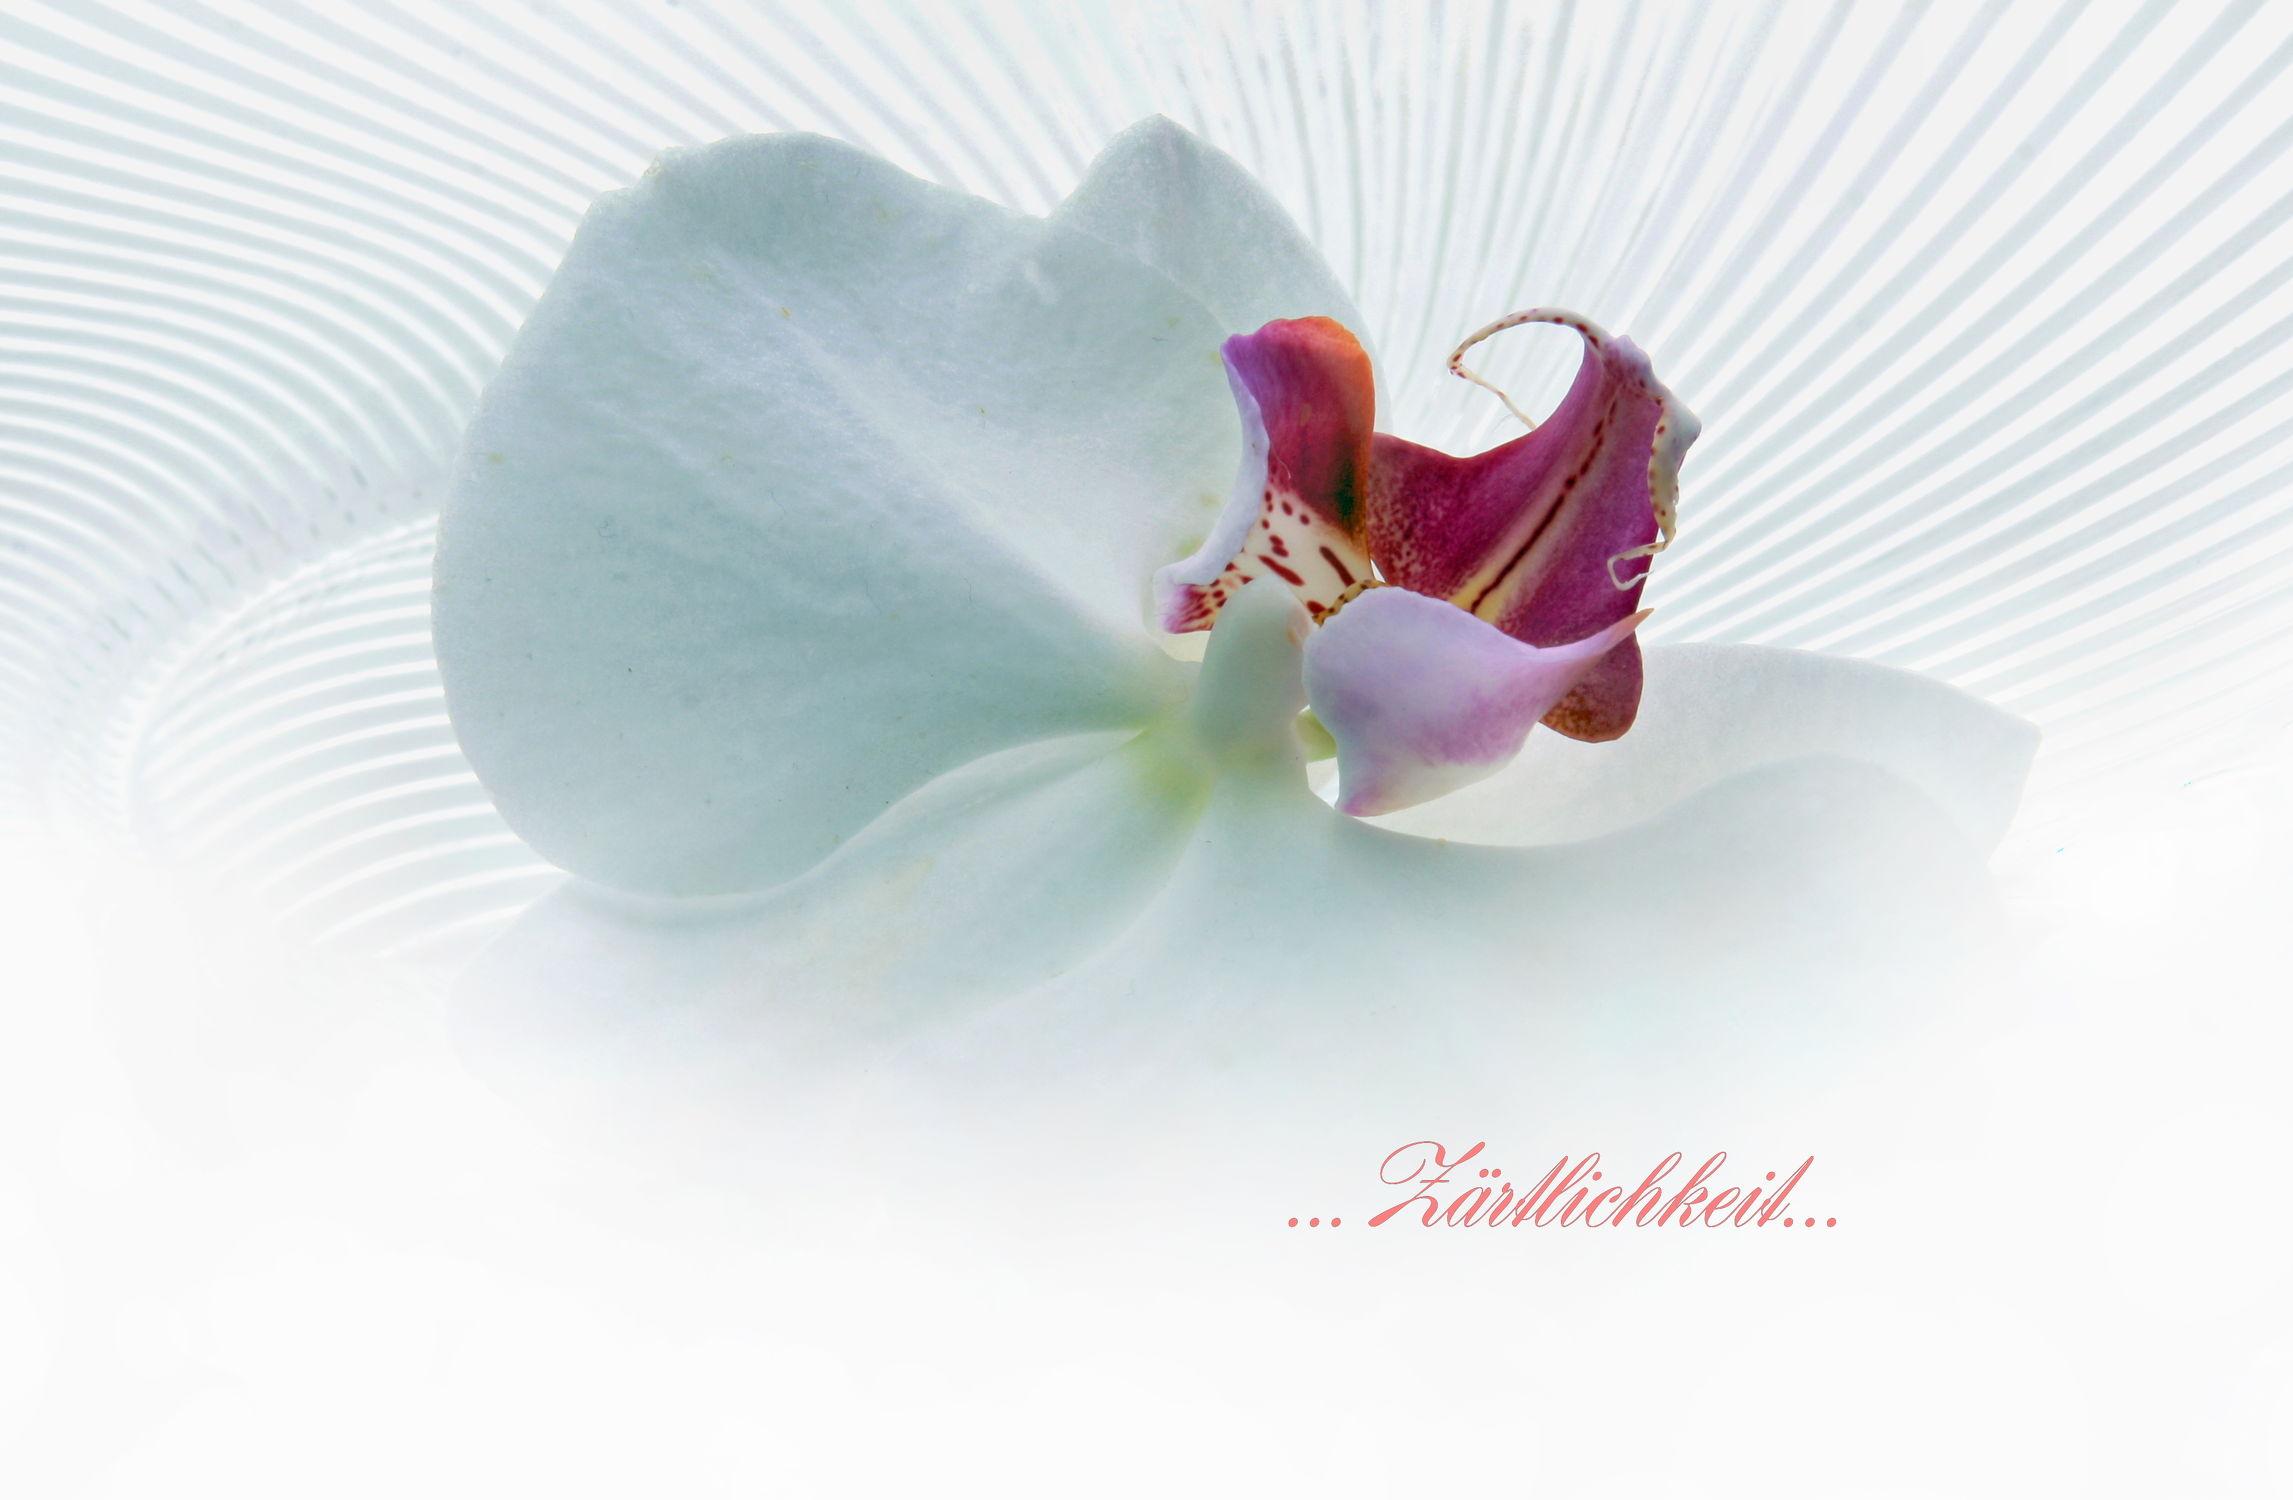 Bild mit Blumen, Orchideen, Blume, Orchidee, Floral, Blüten, Florales, blüte, romantisch, Liebe, Zärtlichkeit, paare, soft